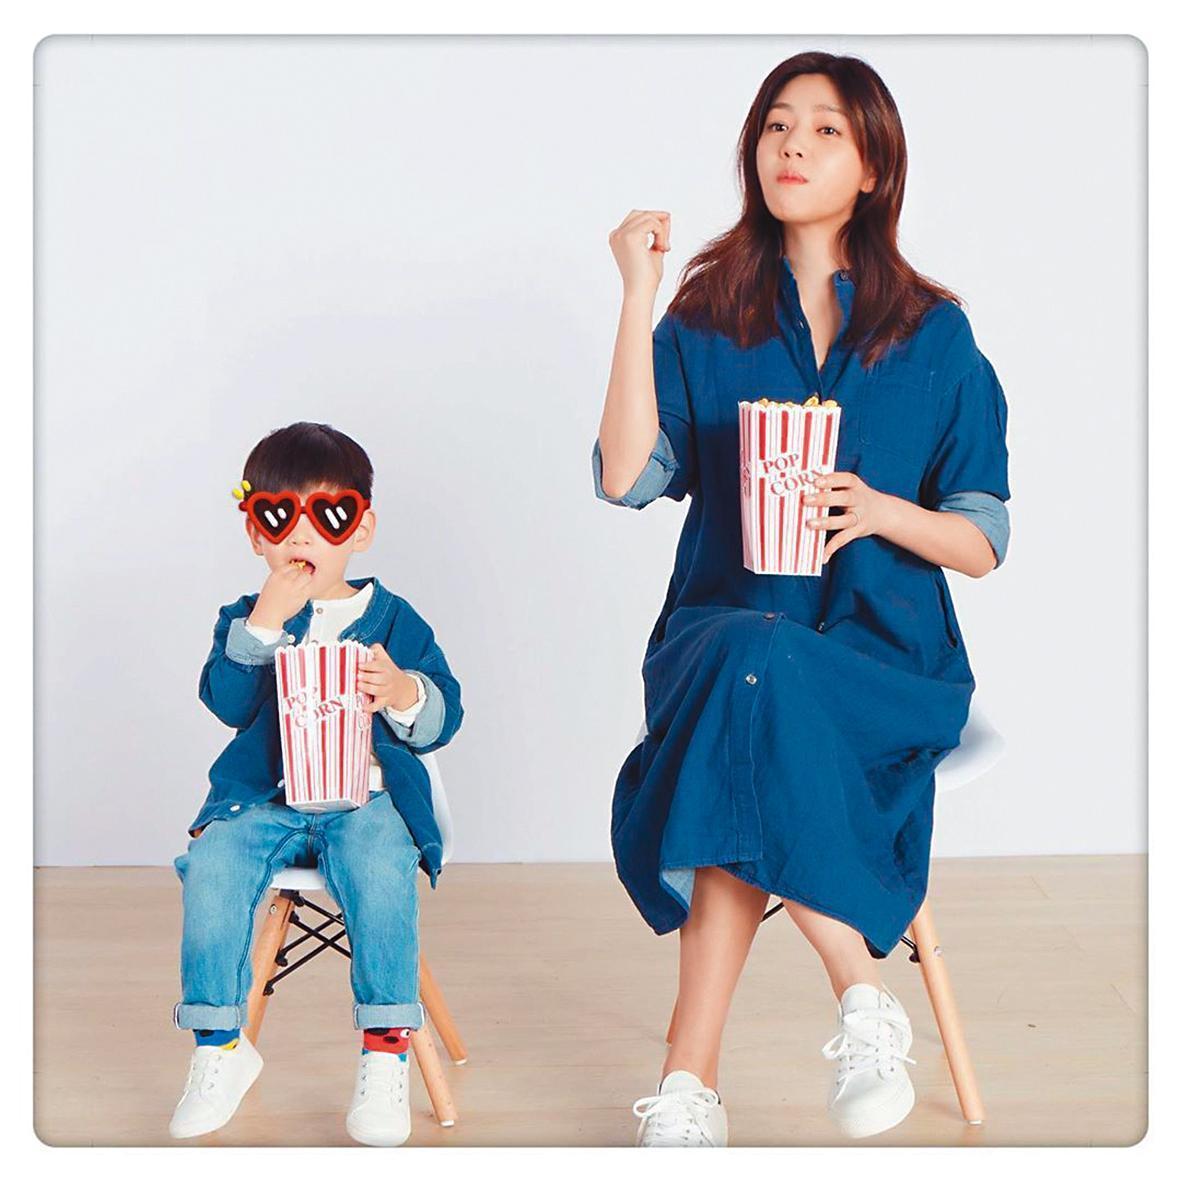 陳妍希愛在社群網站上曬出與兒子小星星的日常。(翻攝自陳妍希IG)